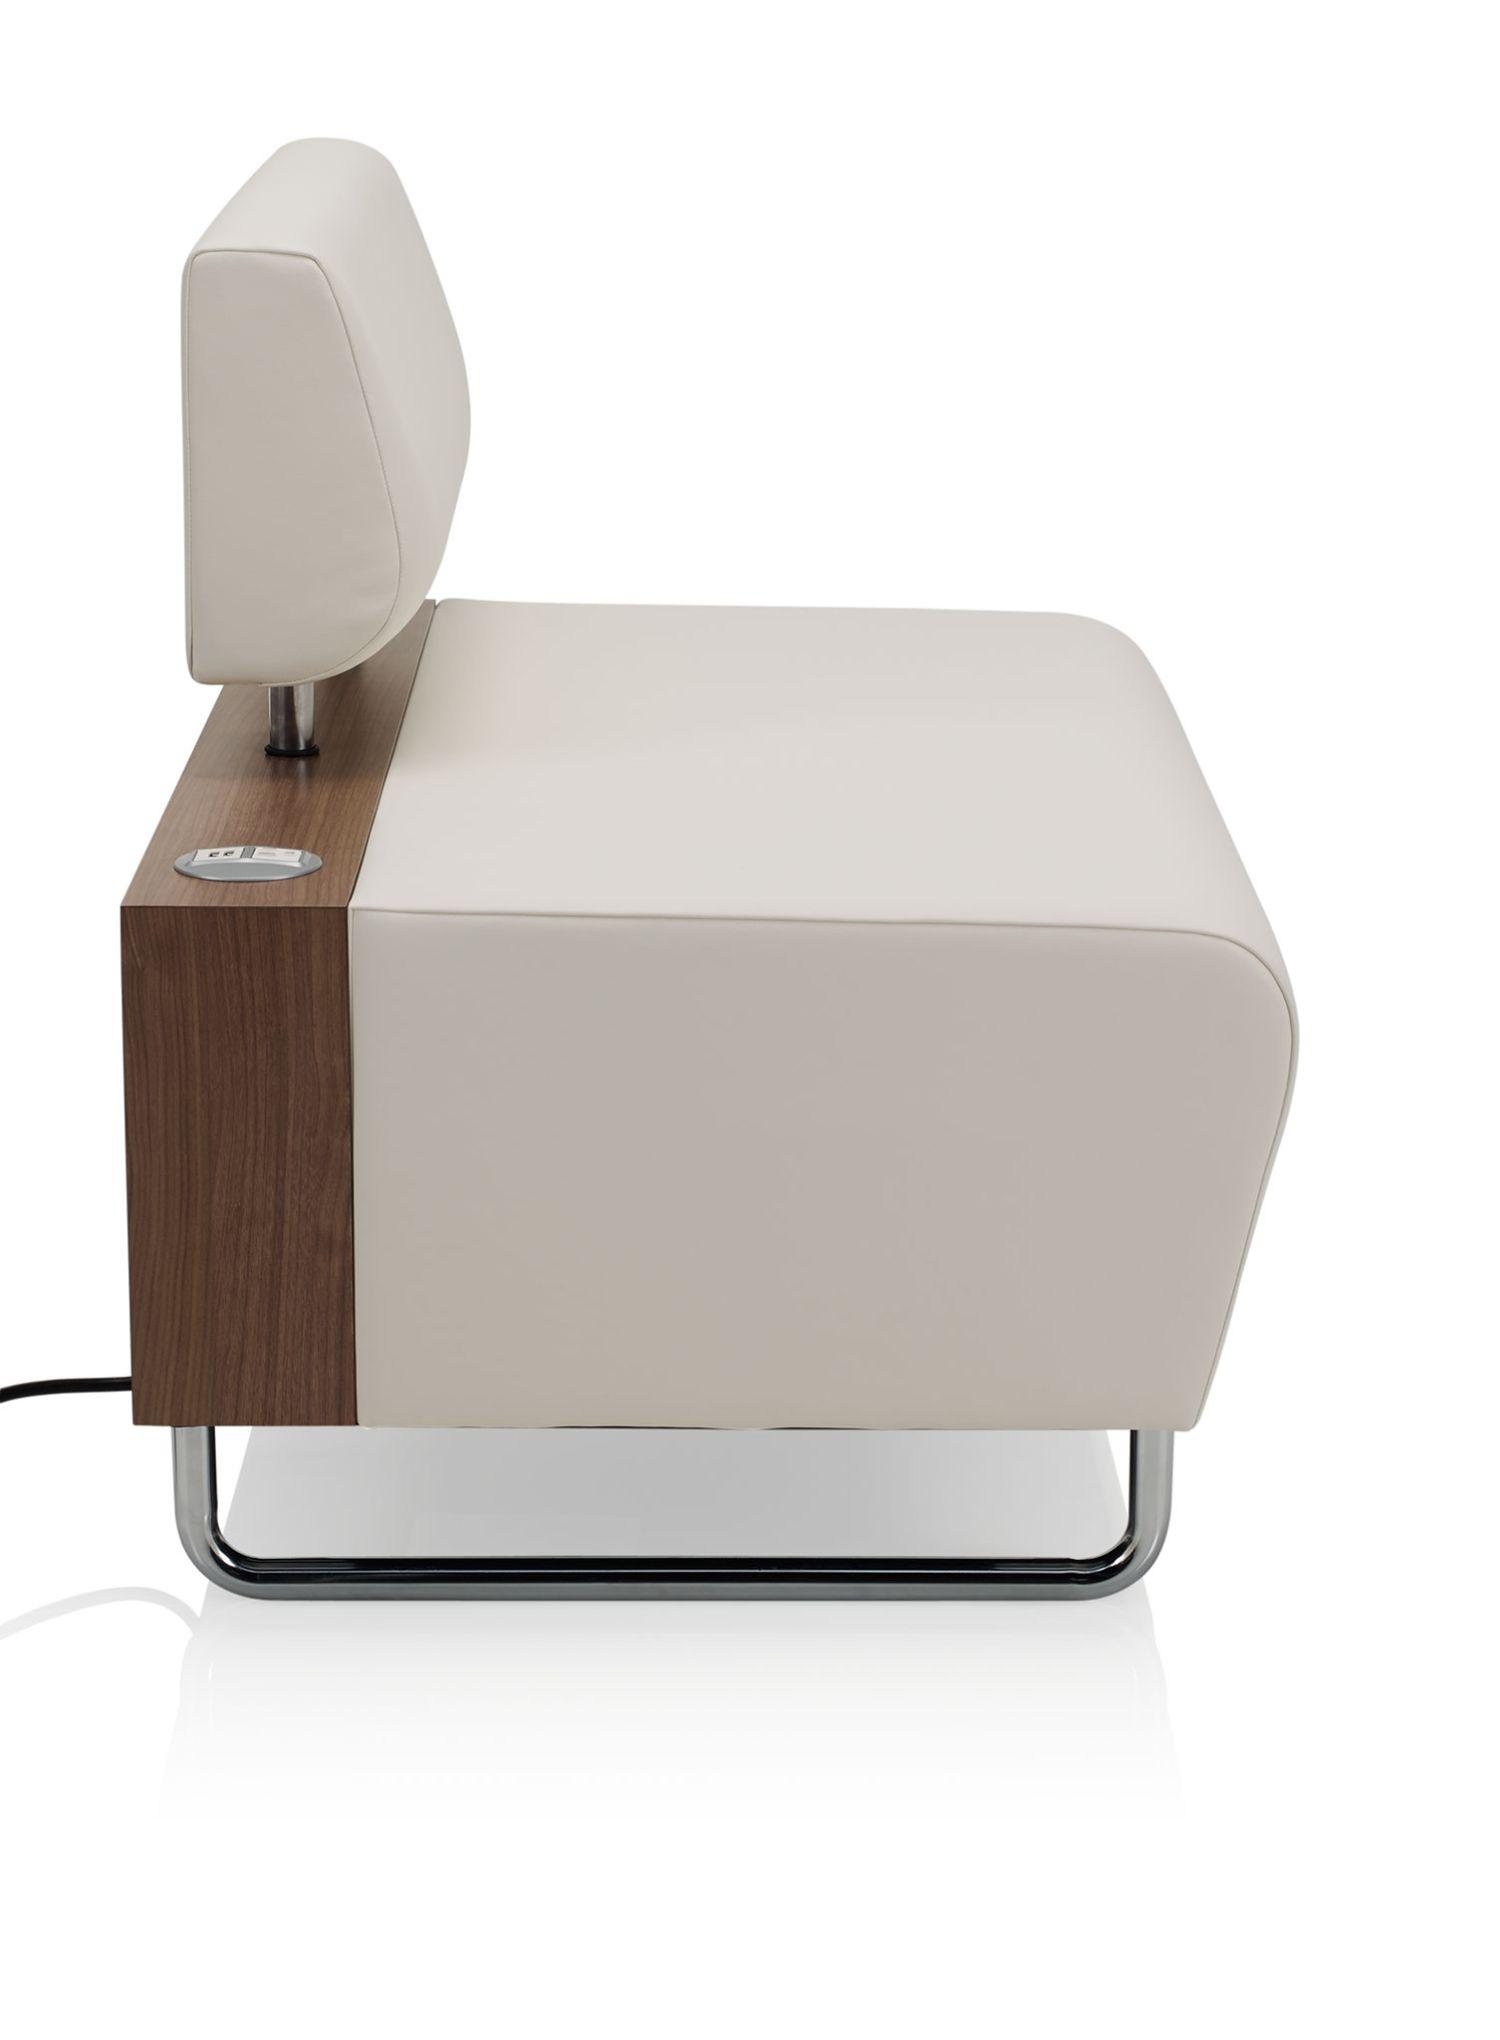 ki hub modular lounge chair side view